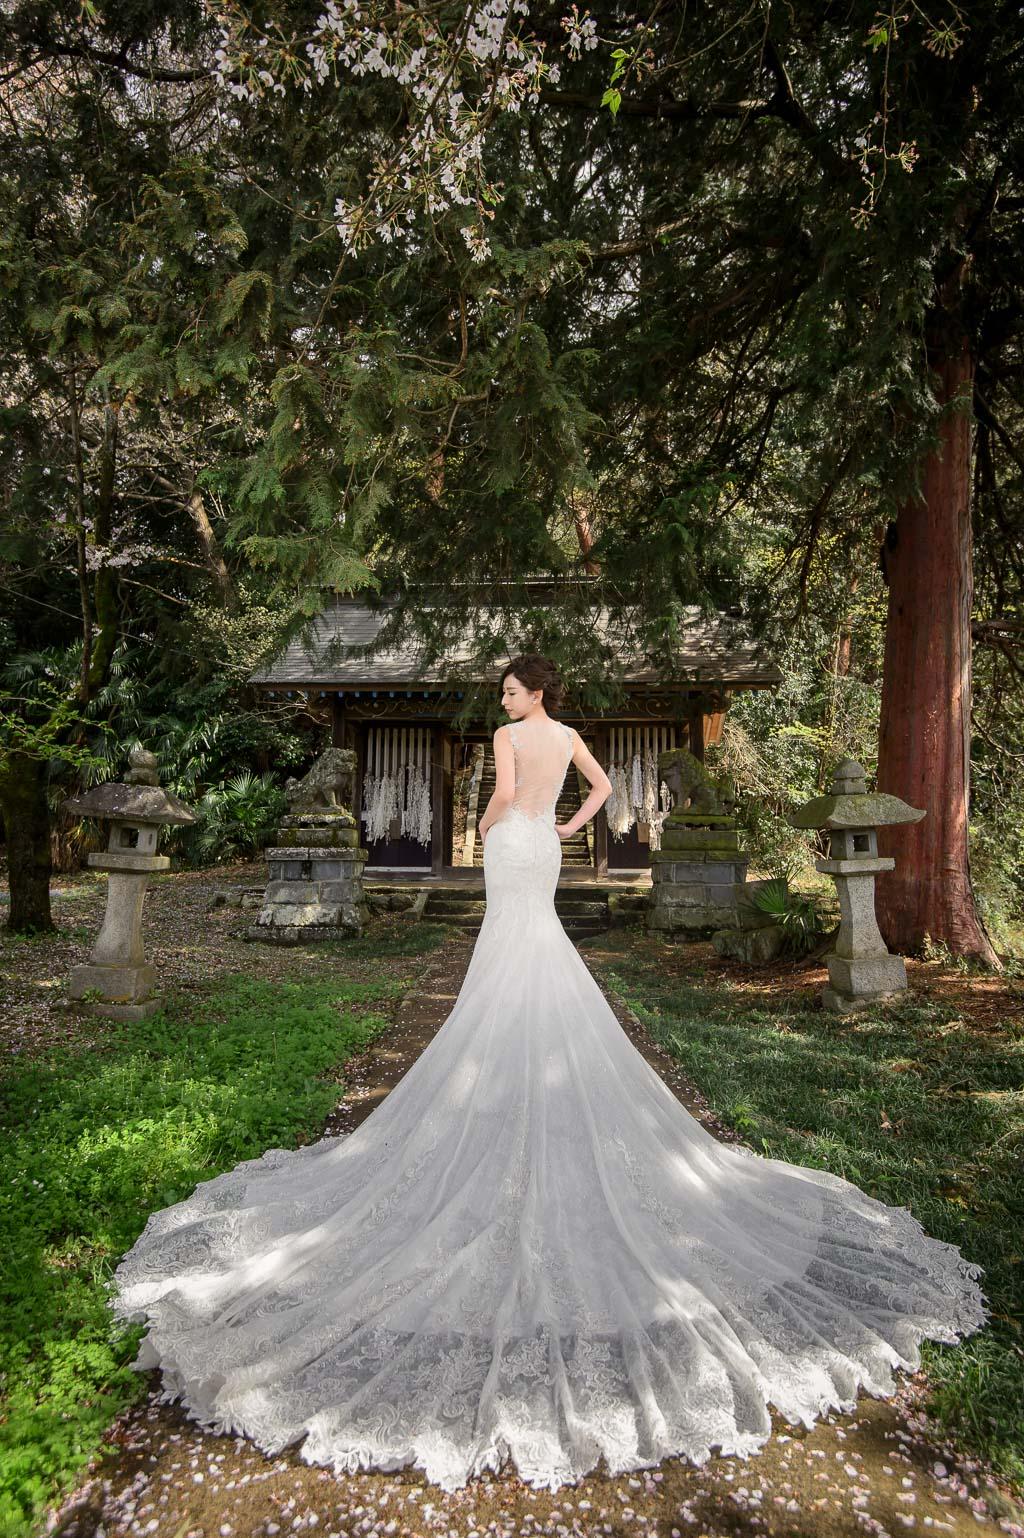 婚攝小勇,小寶團隊, Niniko, 自助婚紗, 海外婚紗,河口湖,櫻花,富士山-001